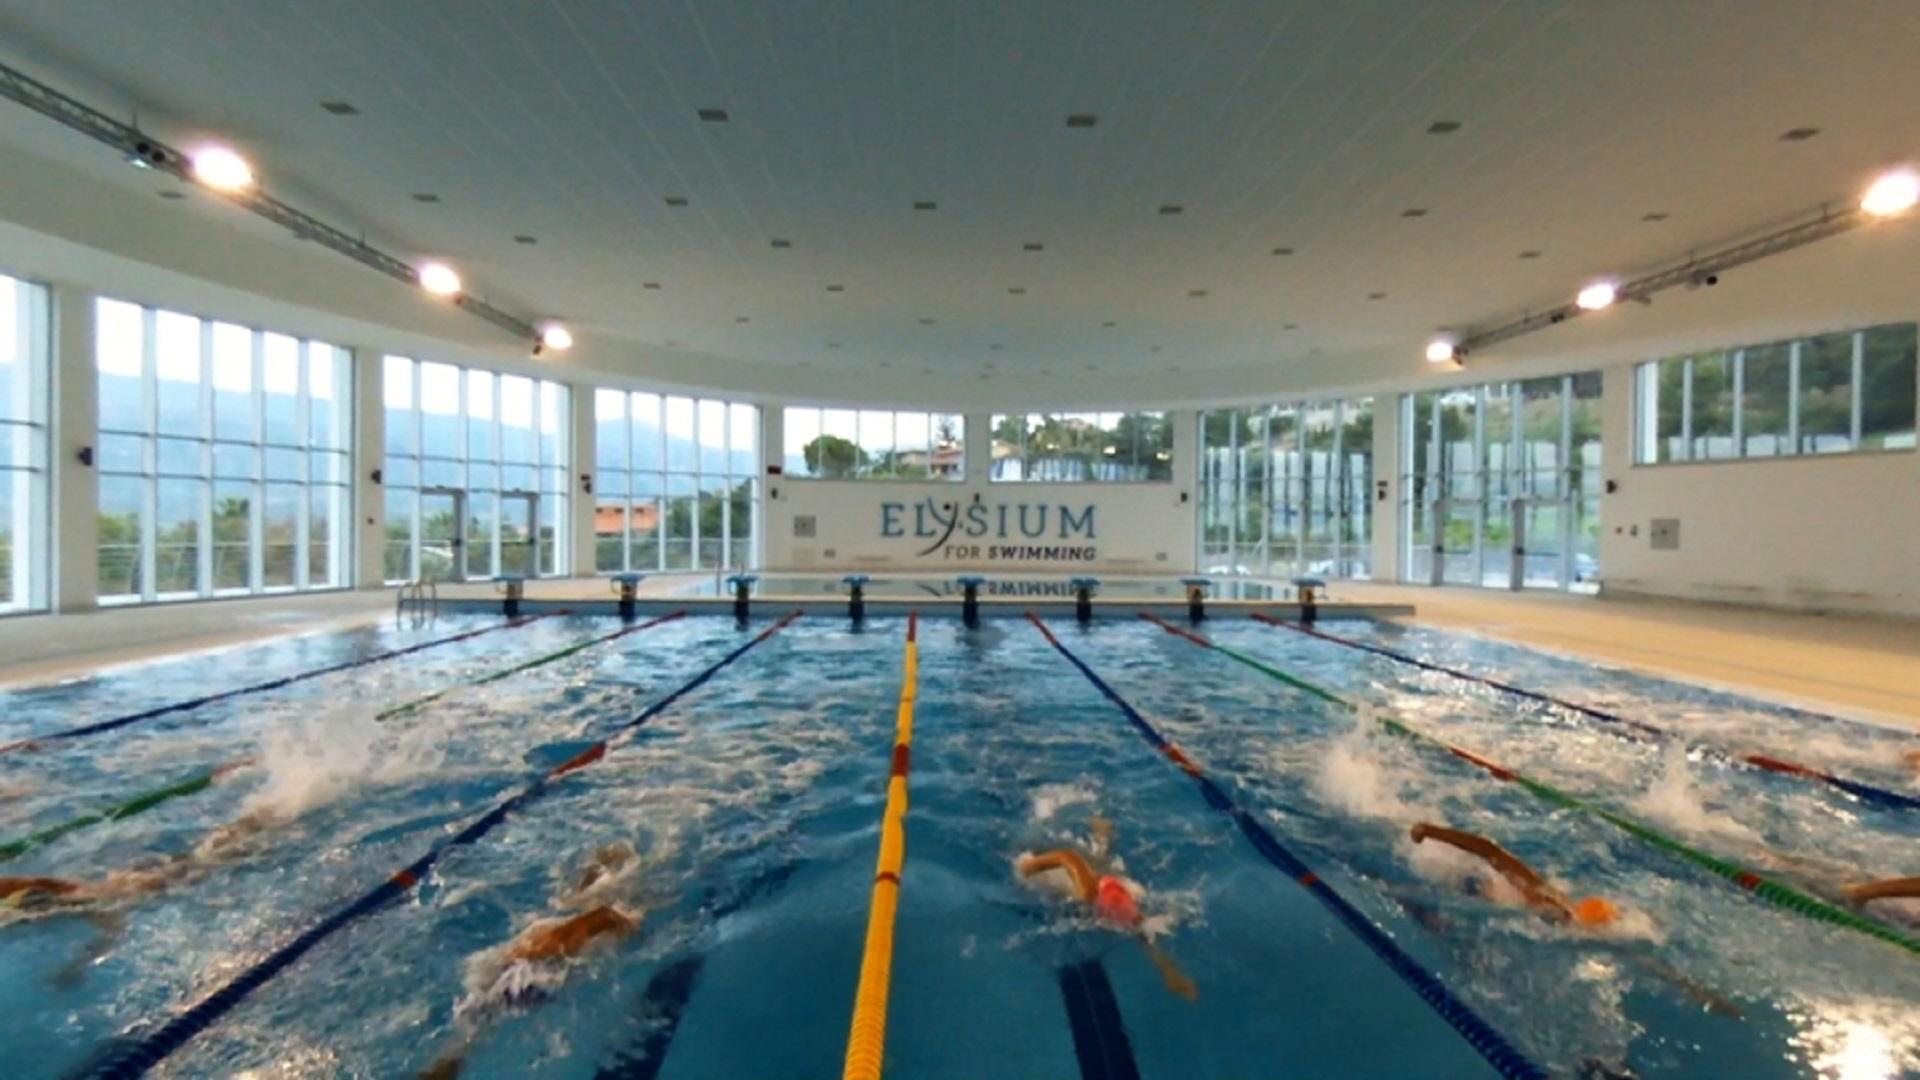 Agropoli elysium non solo nuoto e non solo sport la - Piscina trezzano sul naviglio nuoto libero ...